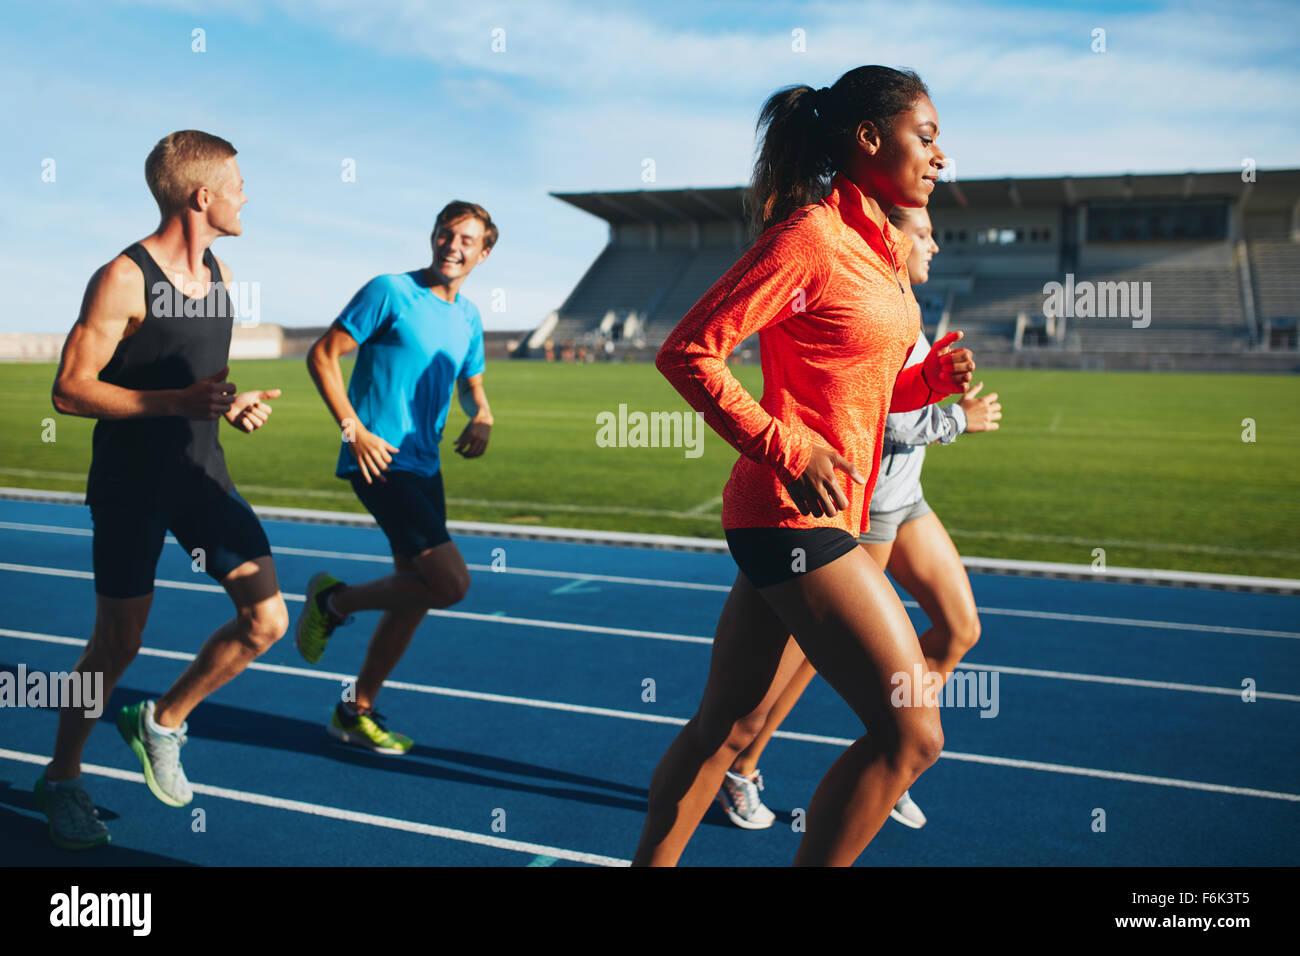 Passen Sie Männer und Frauen, die auf einer Rennstrecke. Gemischtrassig Sportler üben auf Rennen verfolgen Stockbild